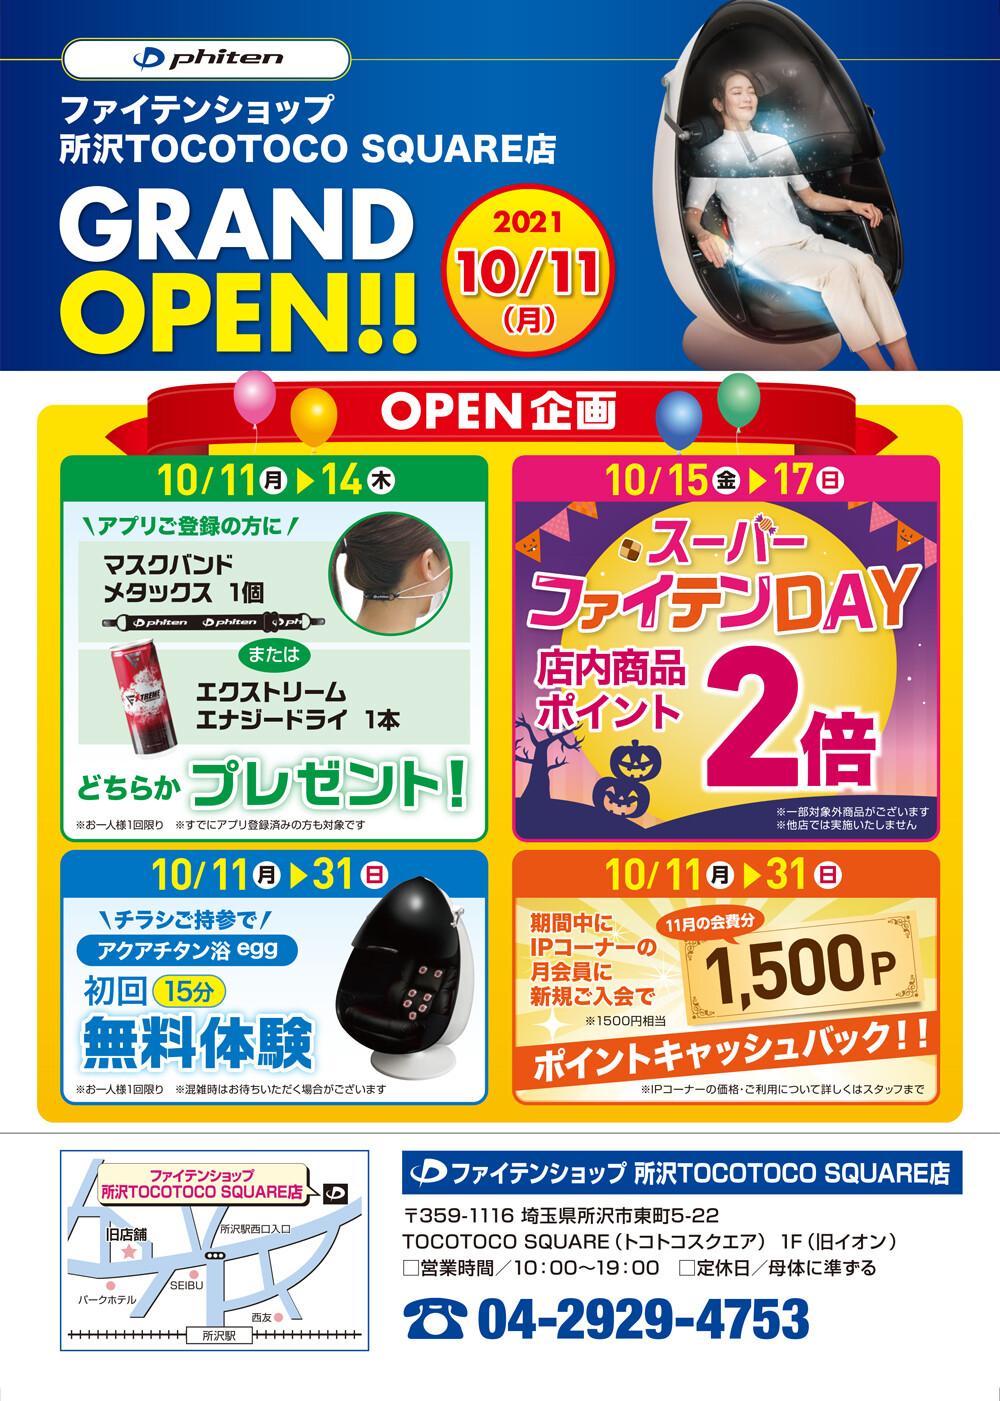 ファイテンショップ 所沢TOCOTOCO SQOARE店